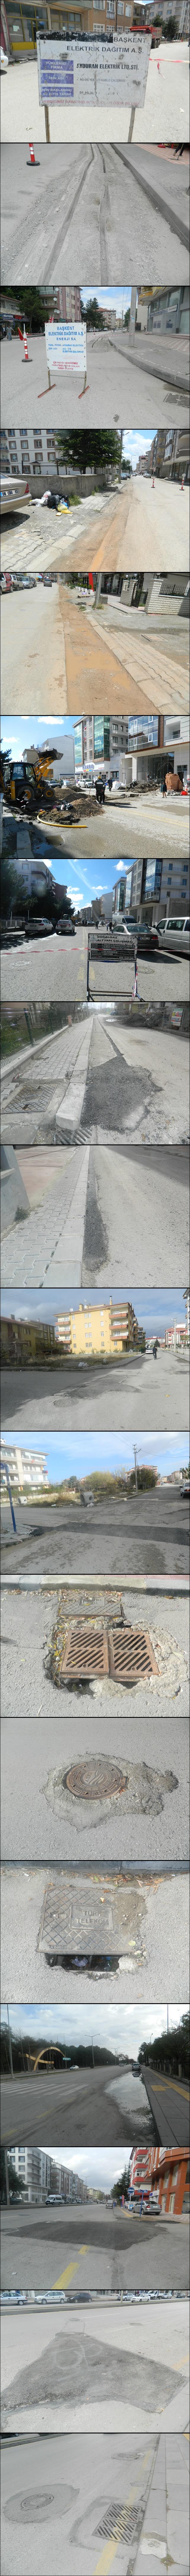 asfalt-vert-001.jpg